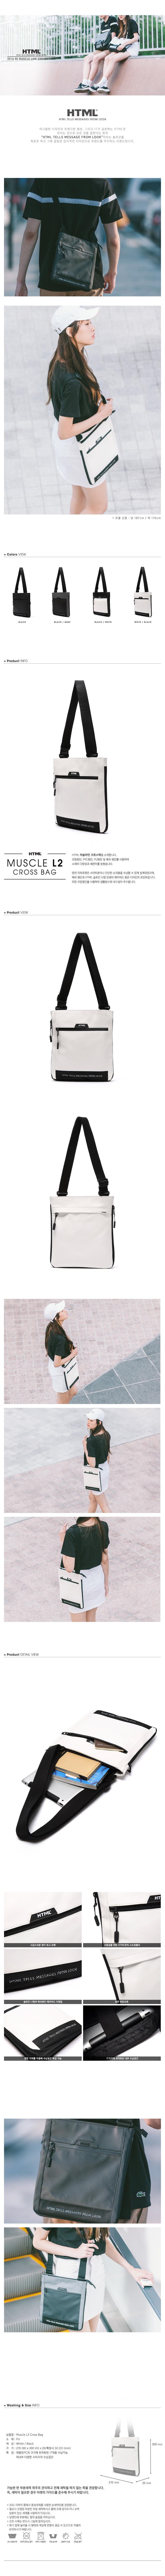 [에이치티엠엘]HTML - Muscle L2 Cross Bag (WHITE/BLACK) 가방 크로스백